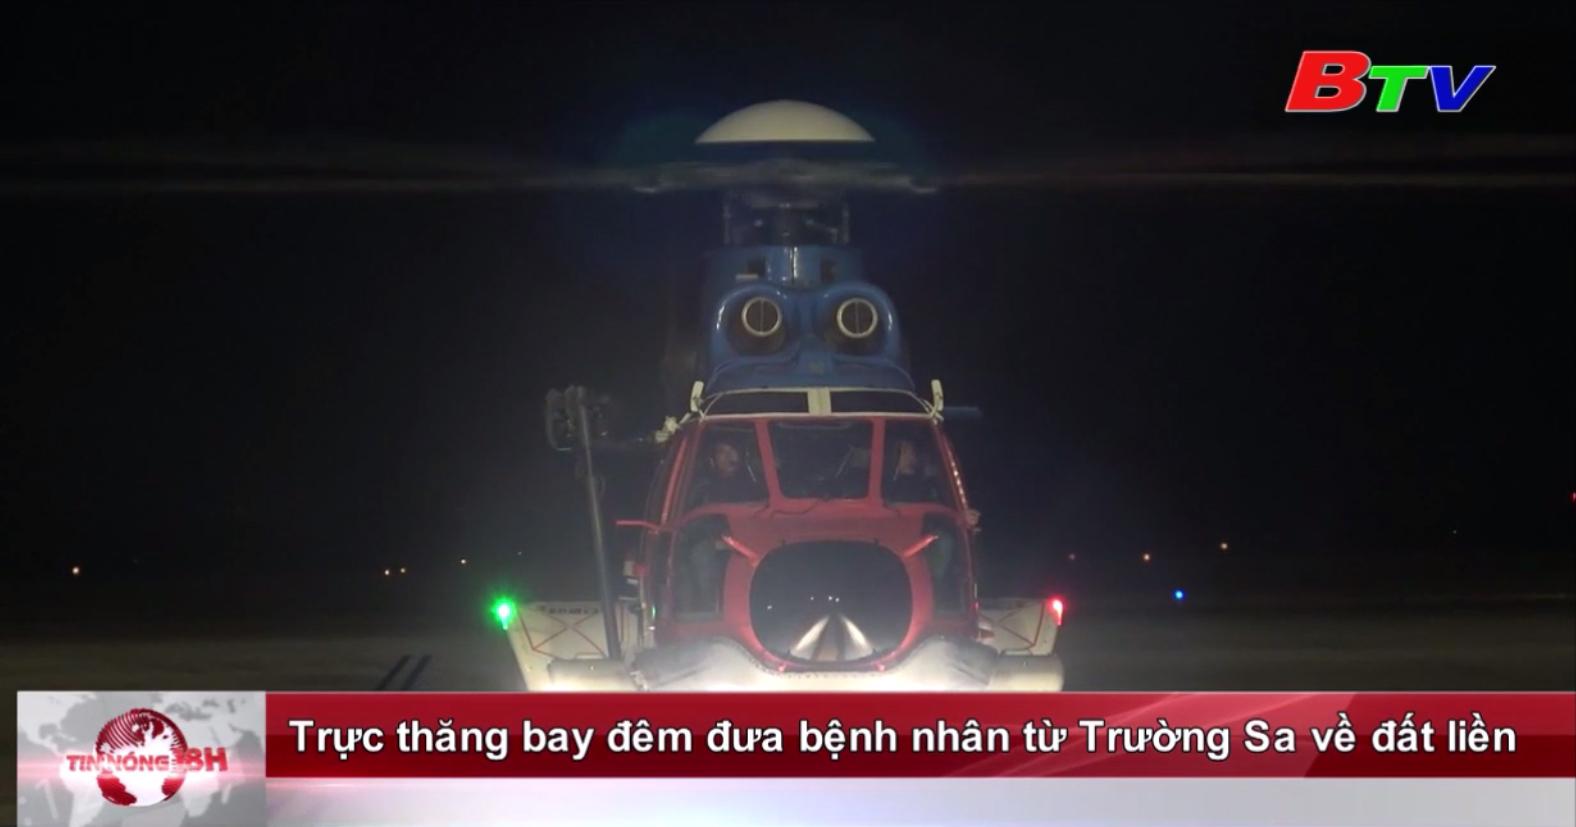 Trực thăng bay đêm đưa bệnh nhân từ Trường Sa về đất liền